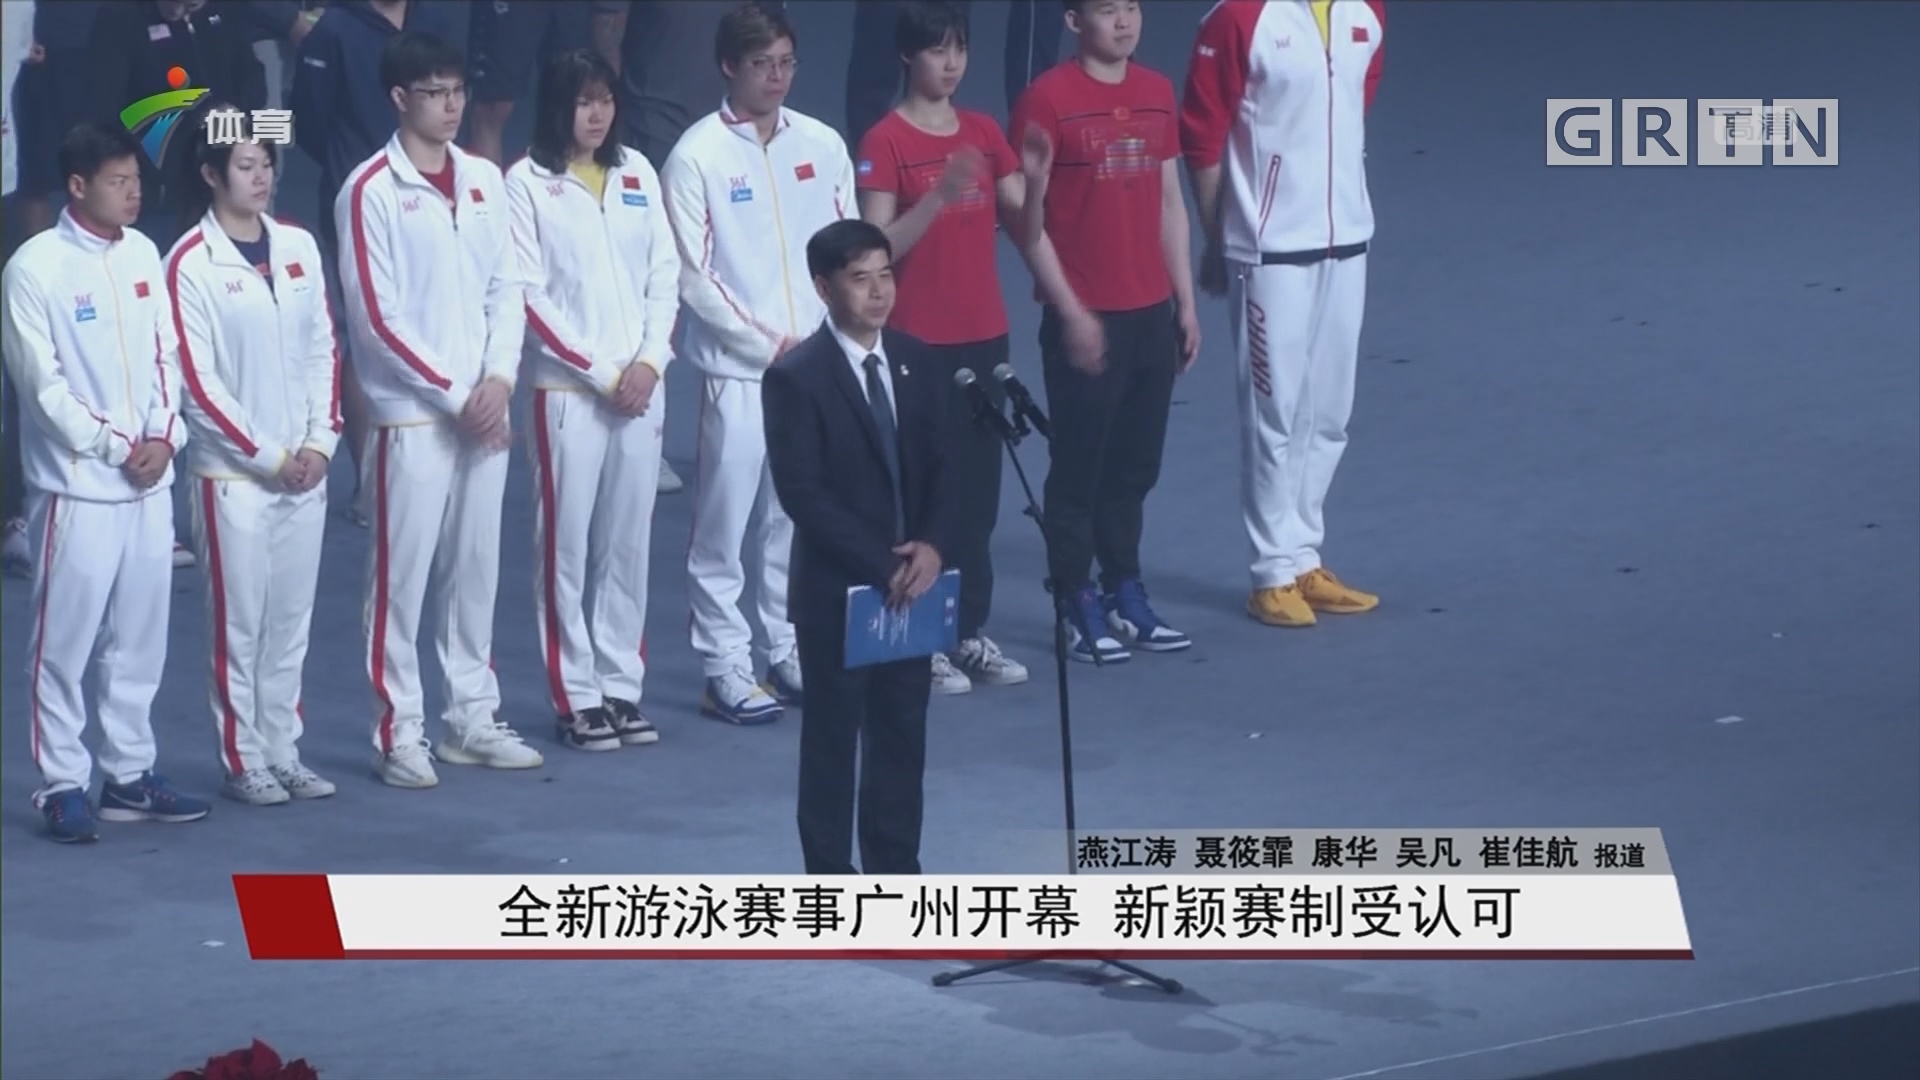 全新游泳赛事广州开幕 新颖赛制受认可